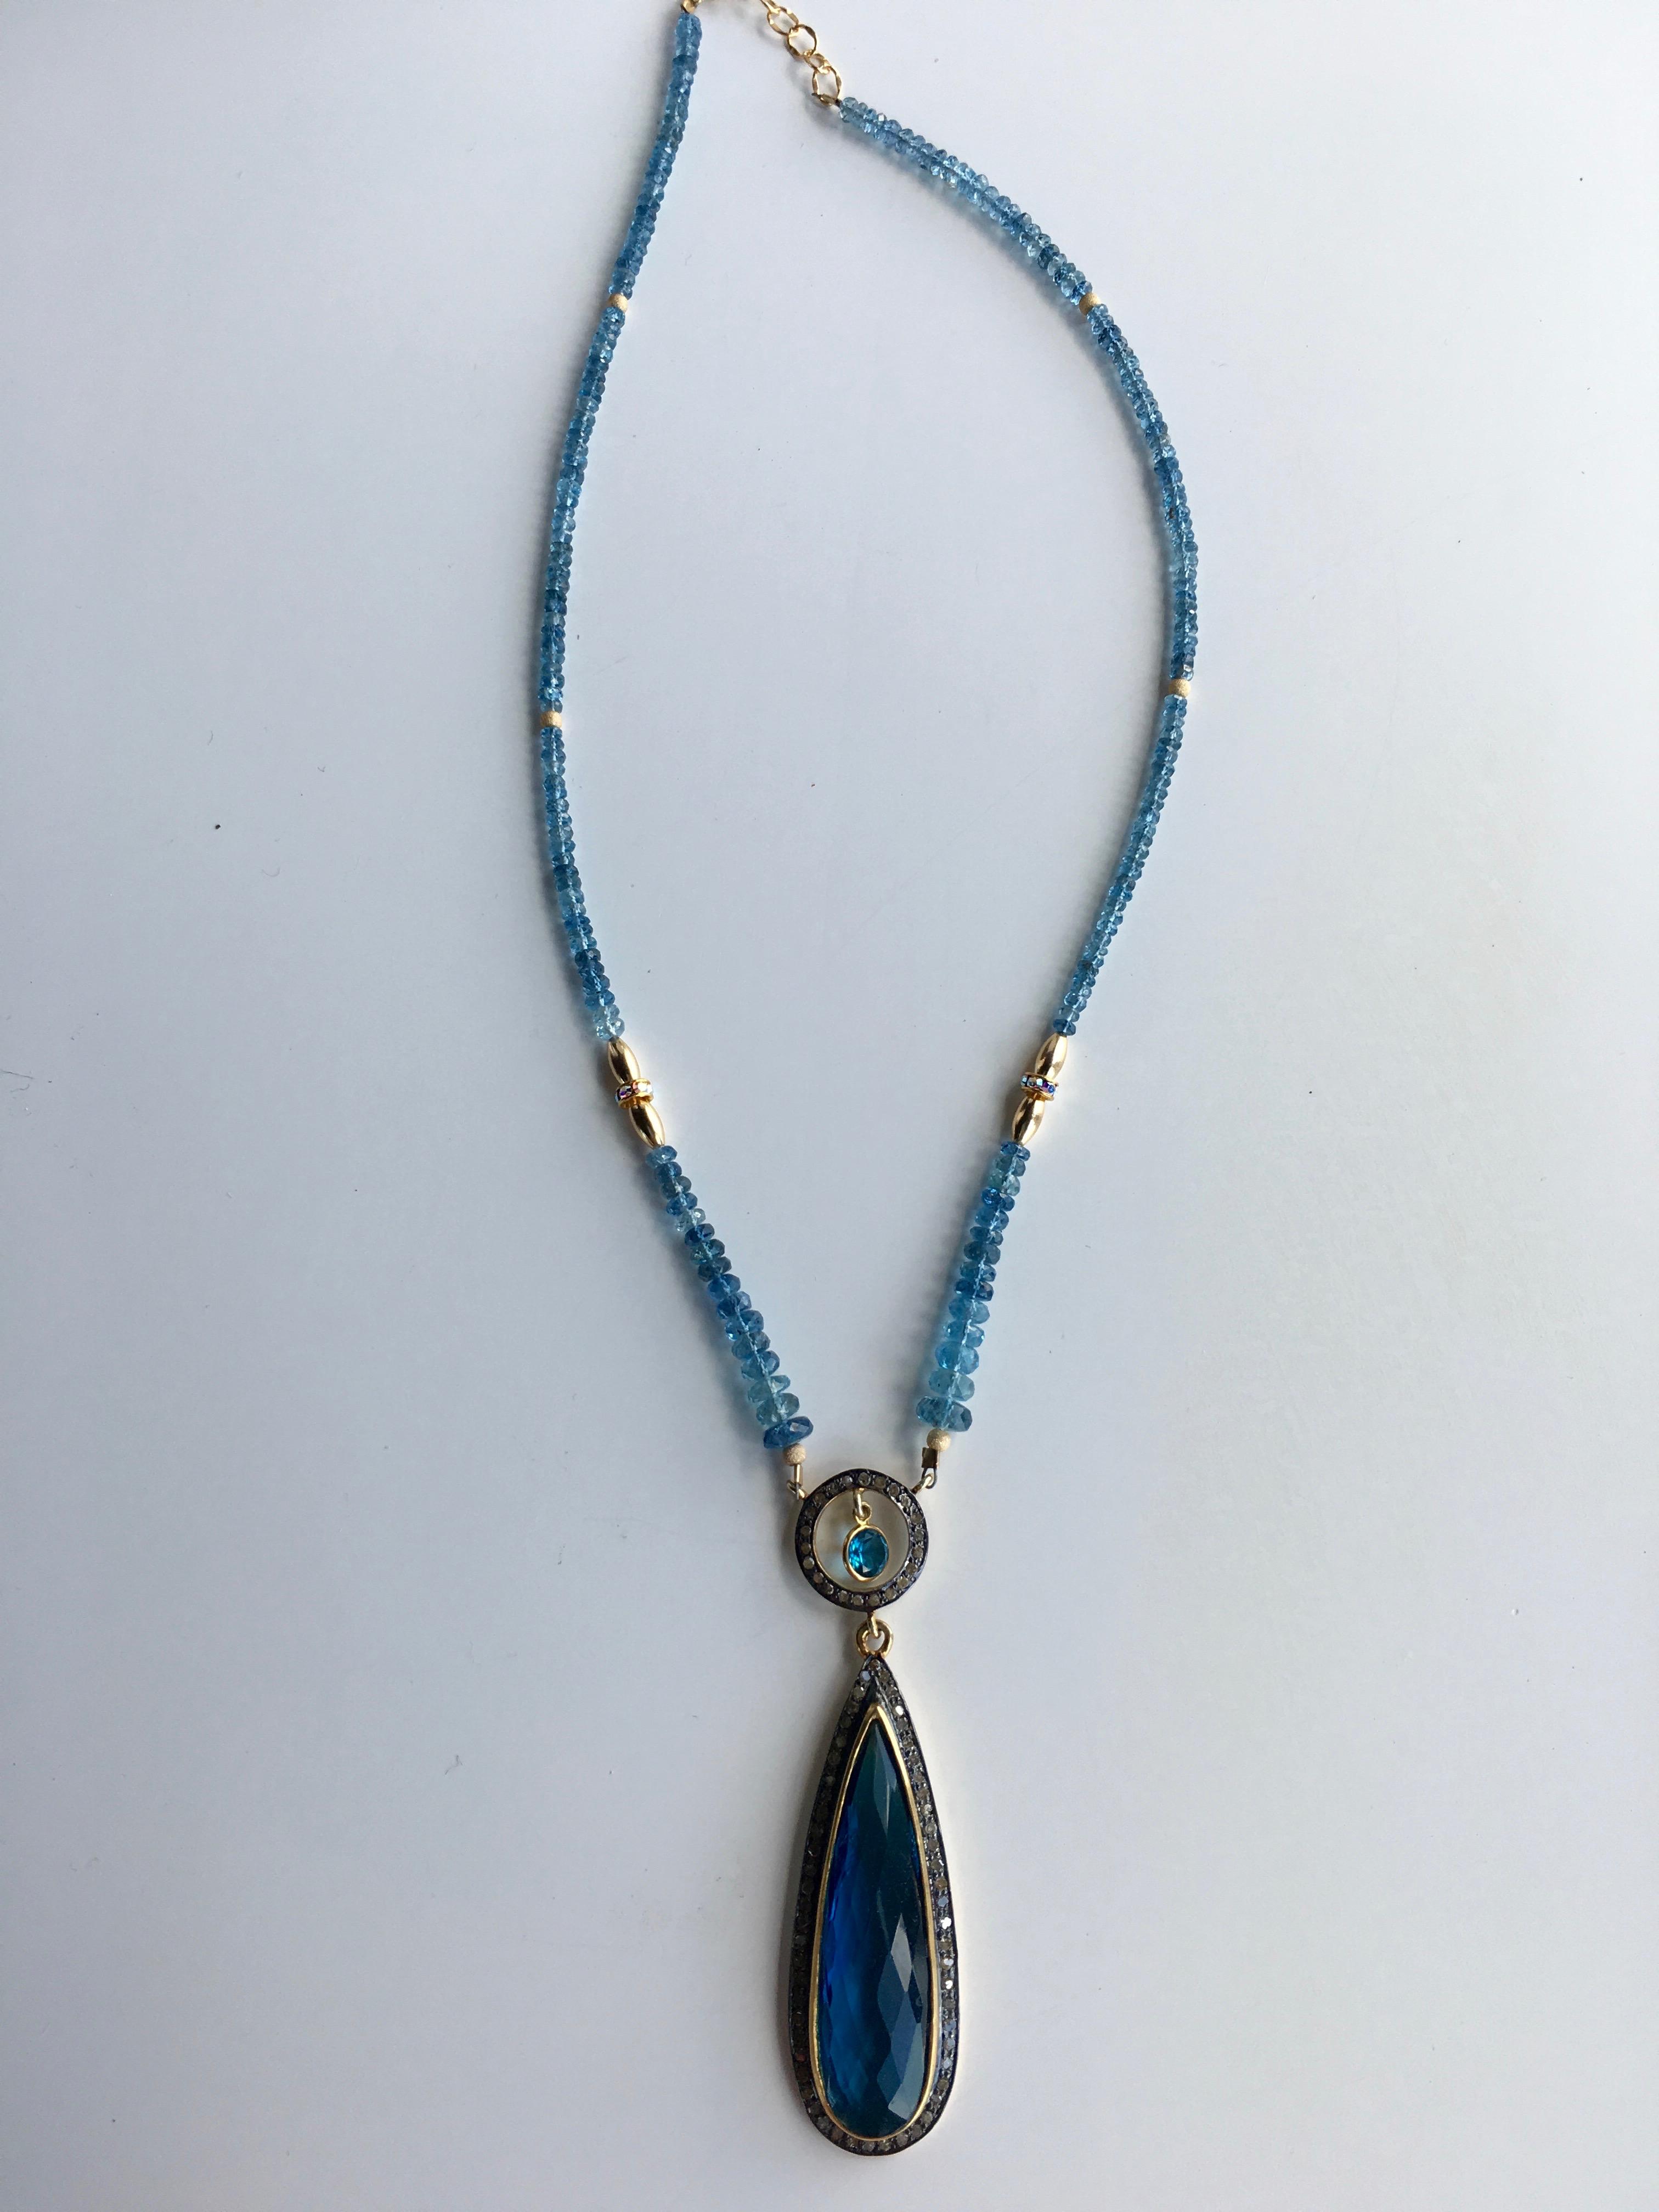 Blue quartz teardrop pendant and aquamarine necklace jewel tones blue quartz teardrop pendant and aquamarine necklace img4800 img4801 img4804 aloadofball Gallery